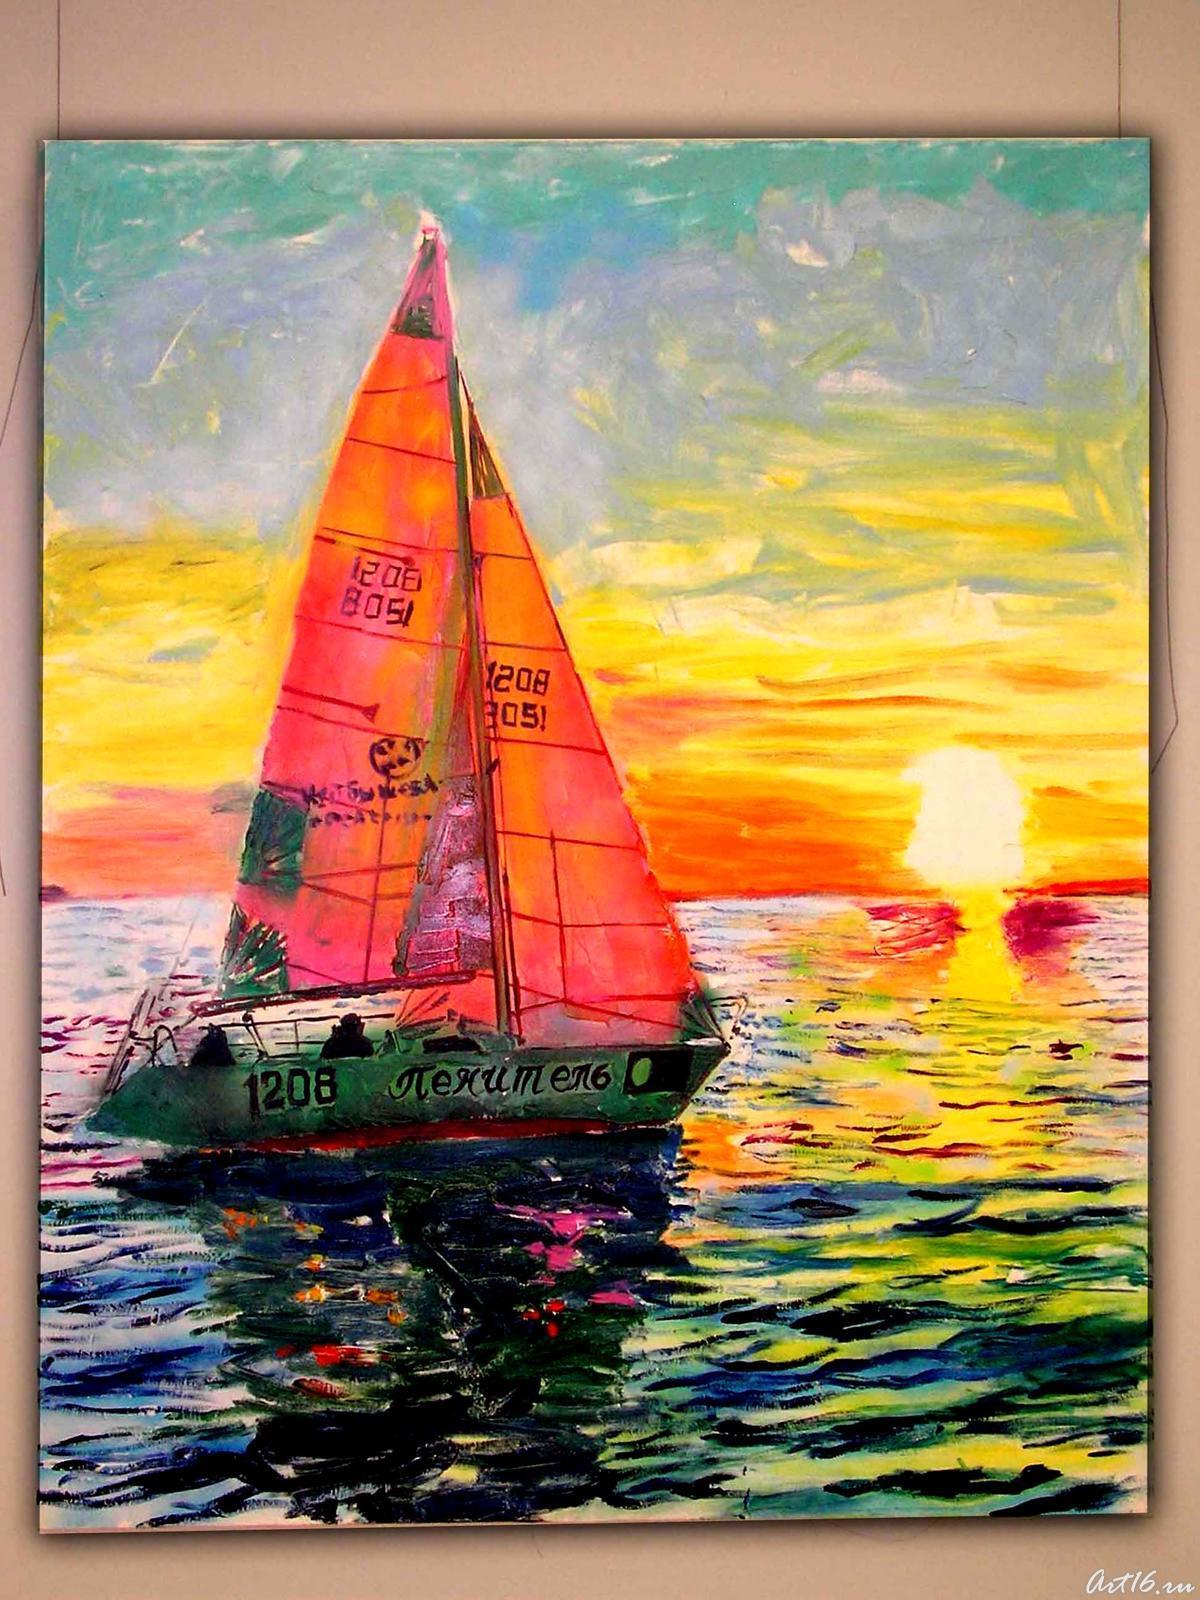 Фото №2363. Яхта на фоне заката. 2007. Лысяков В.Н.